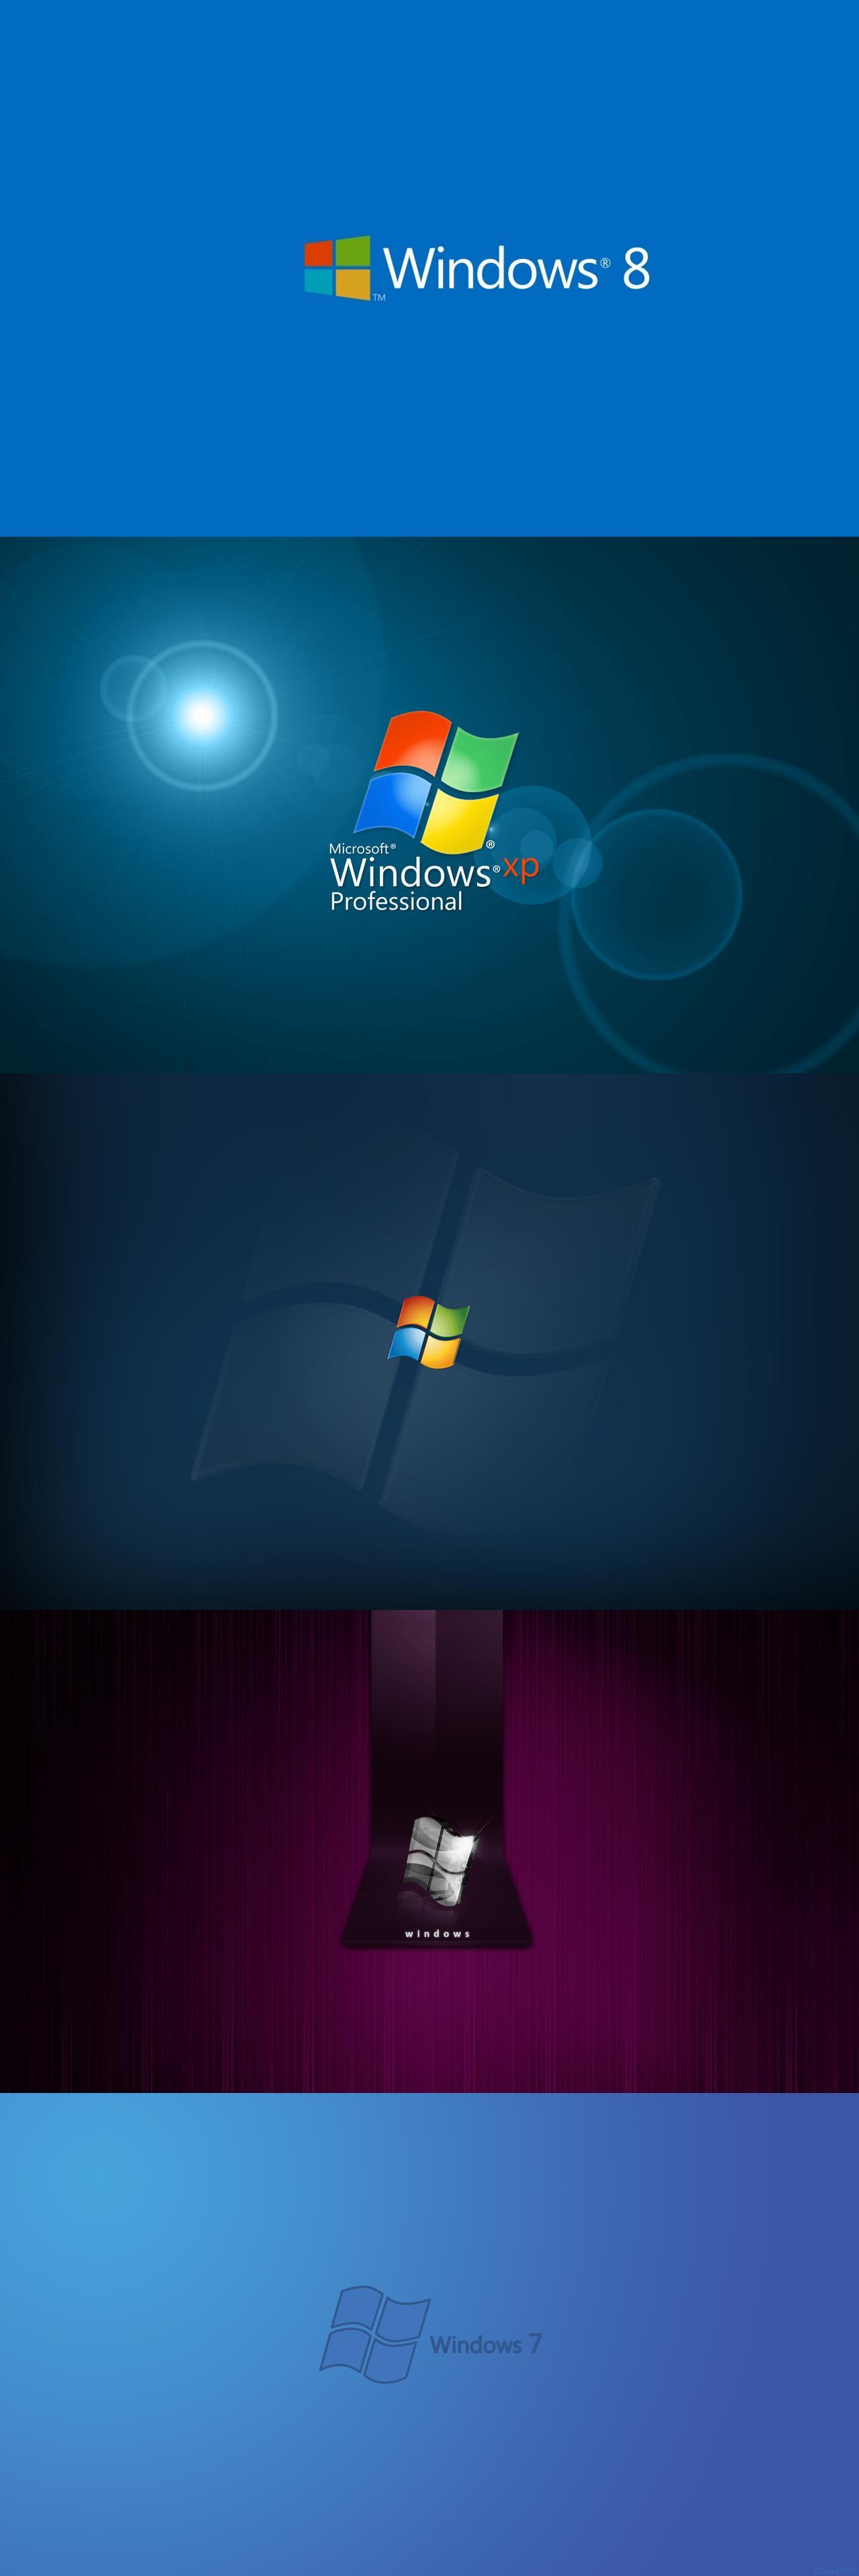 windows 7 dark blue